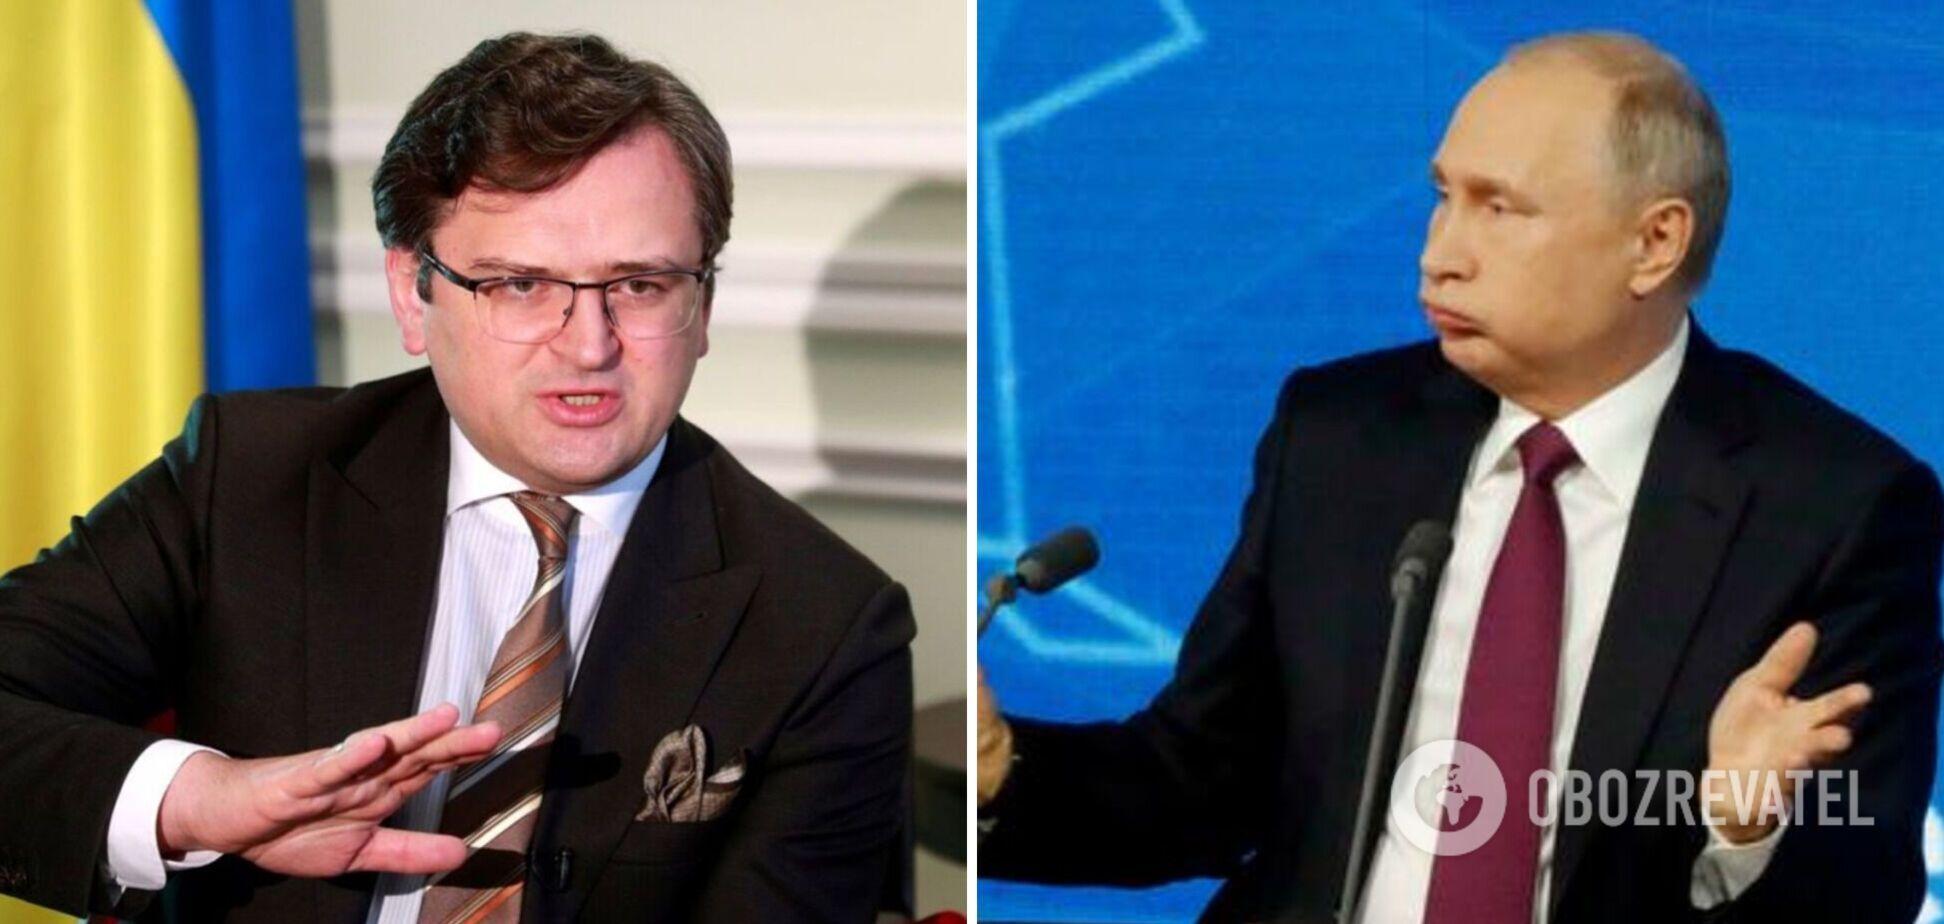 Кулеба відповів на слова Путіна про 'братній' народ: Росія вбила тисячі людей